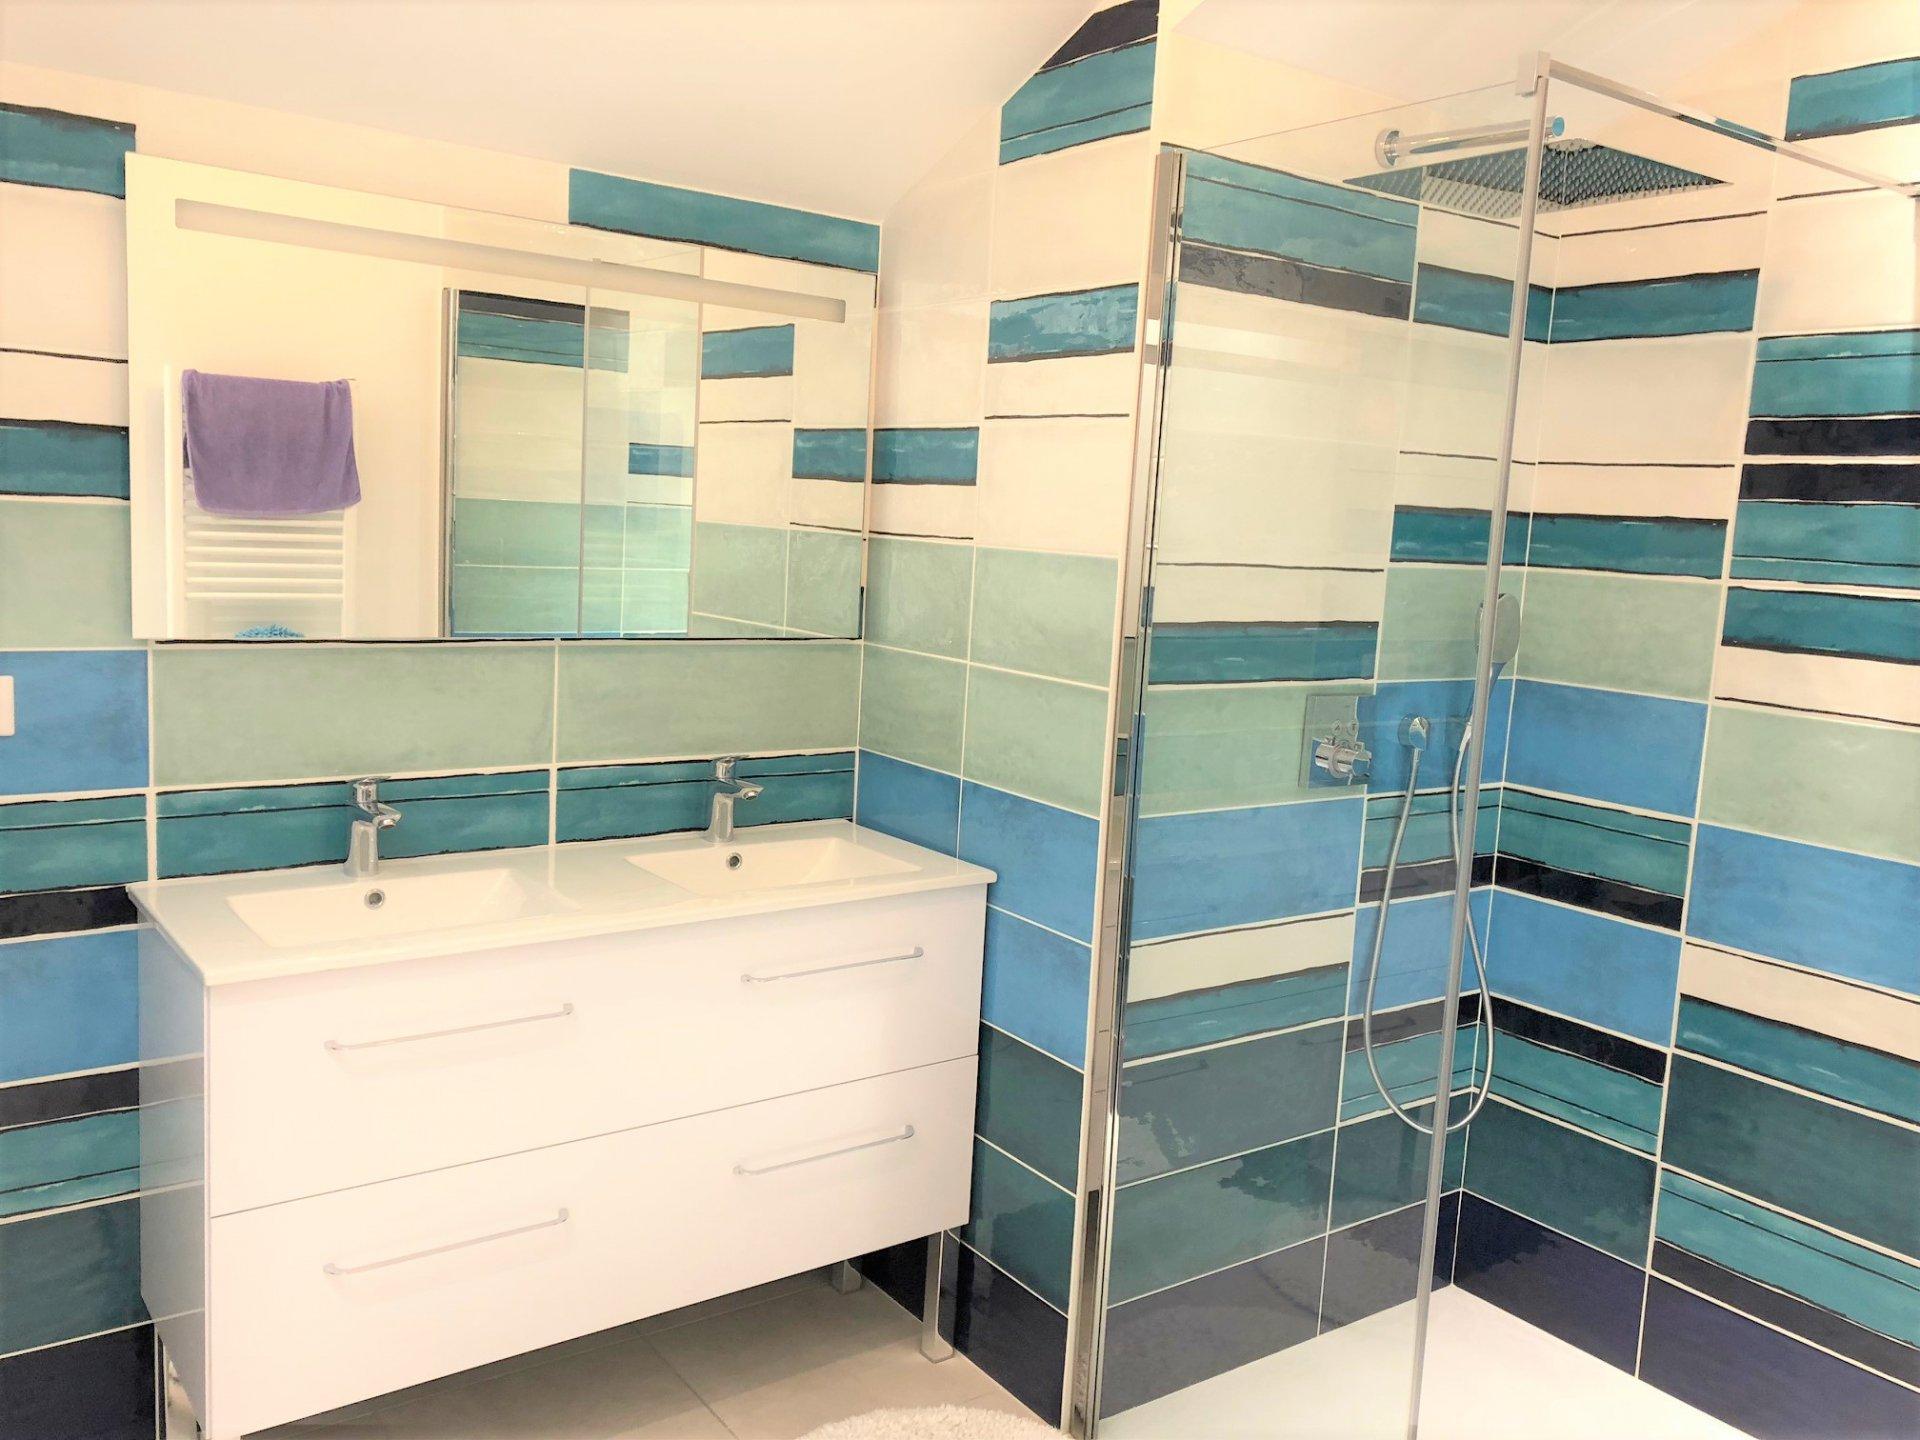 Salle de bains, carrelage